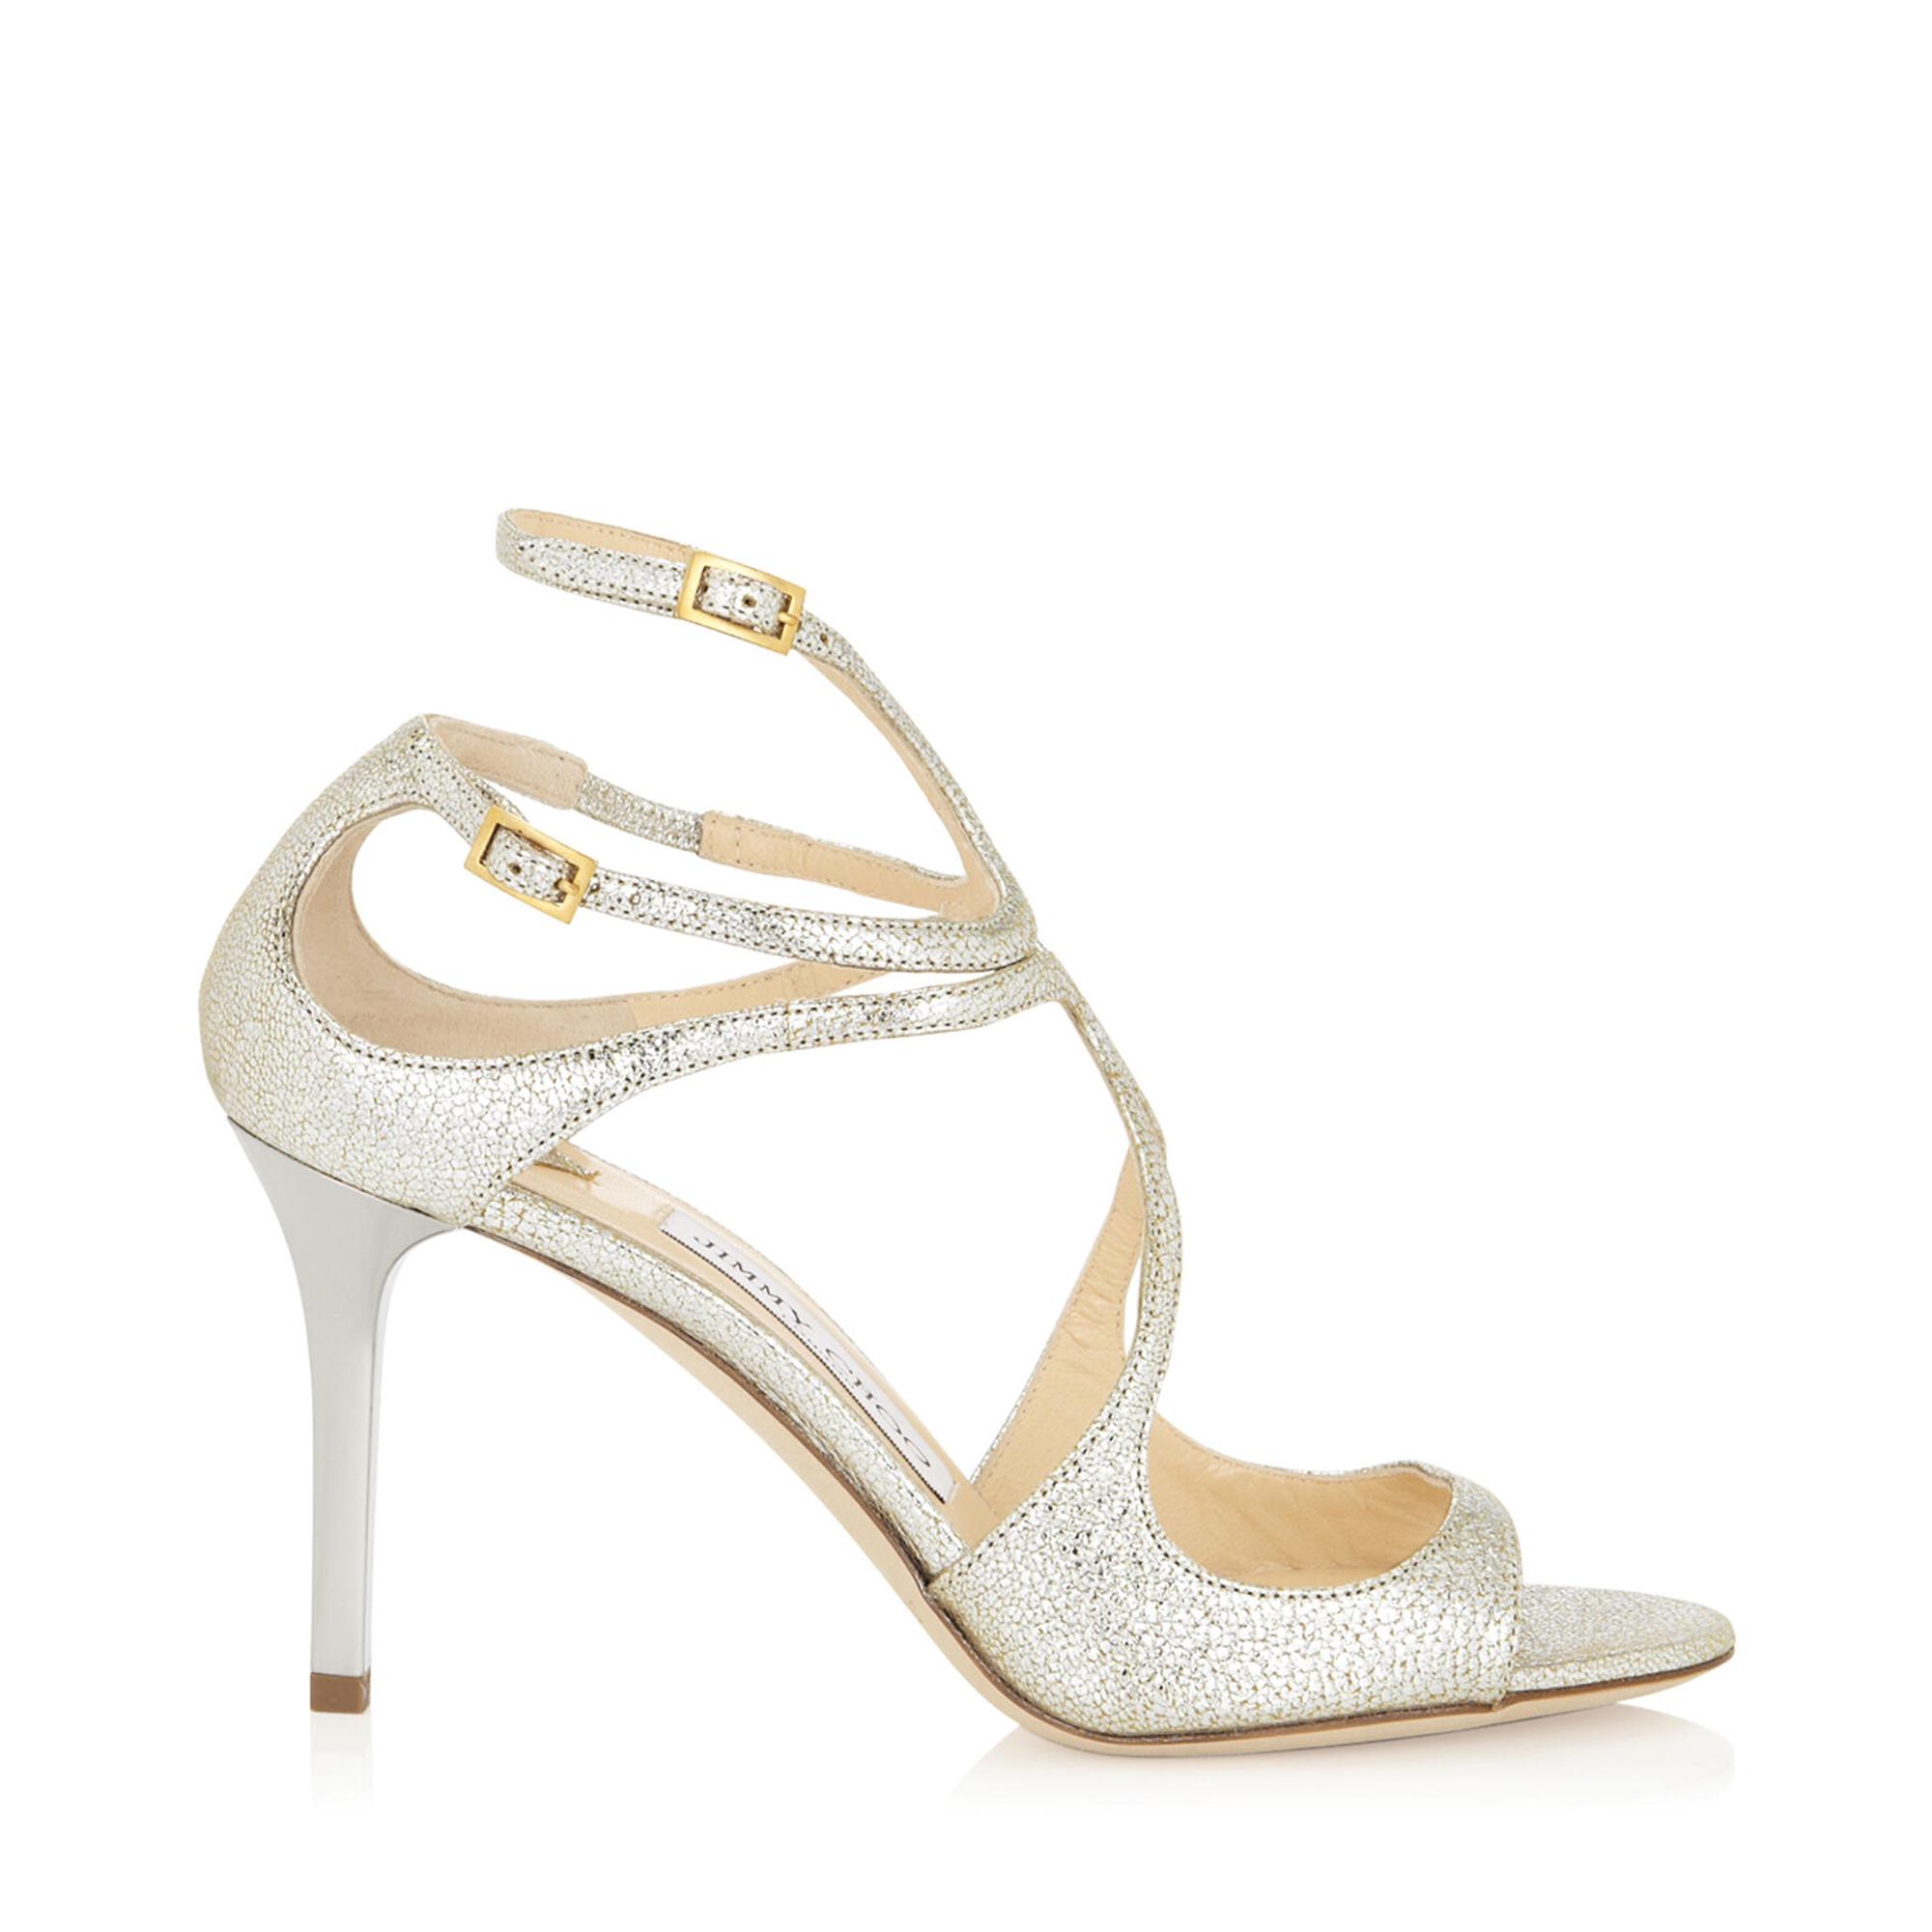 Ivette 85 glitter sandals